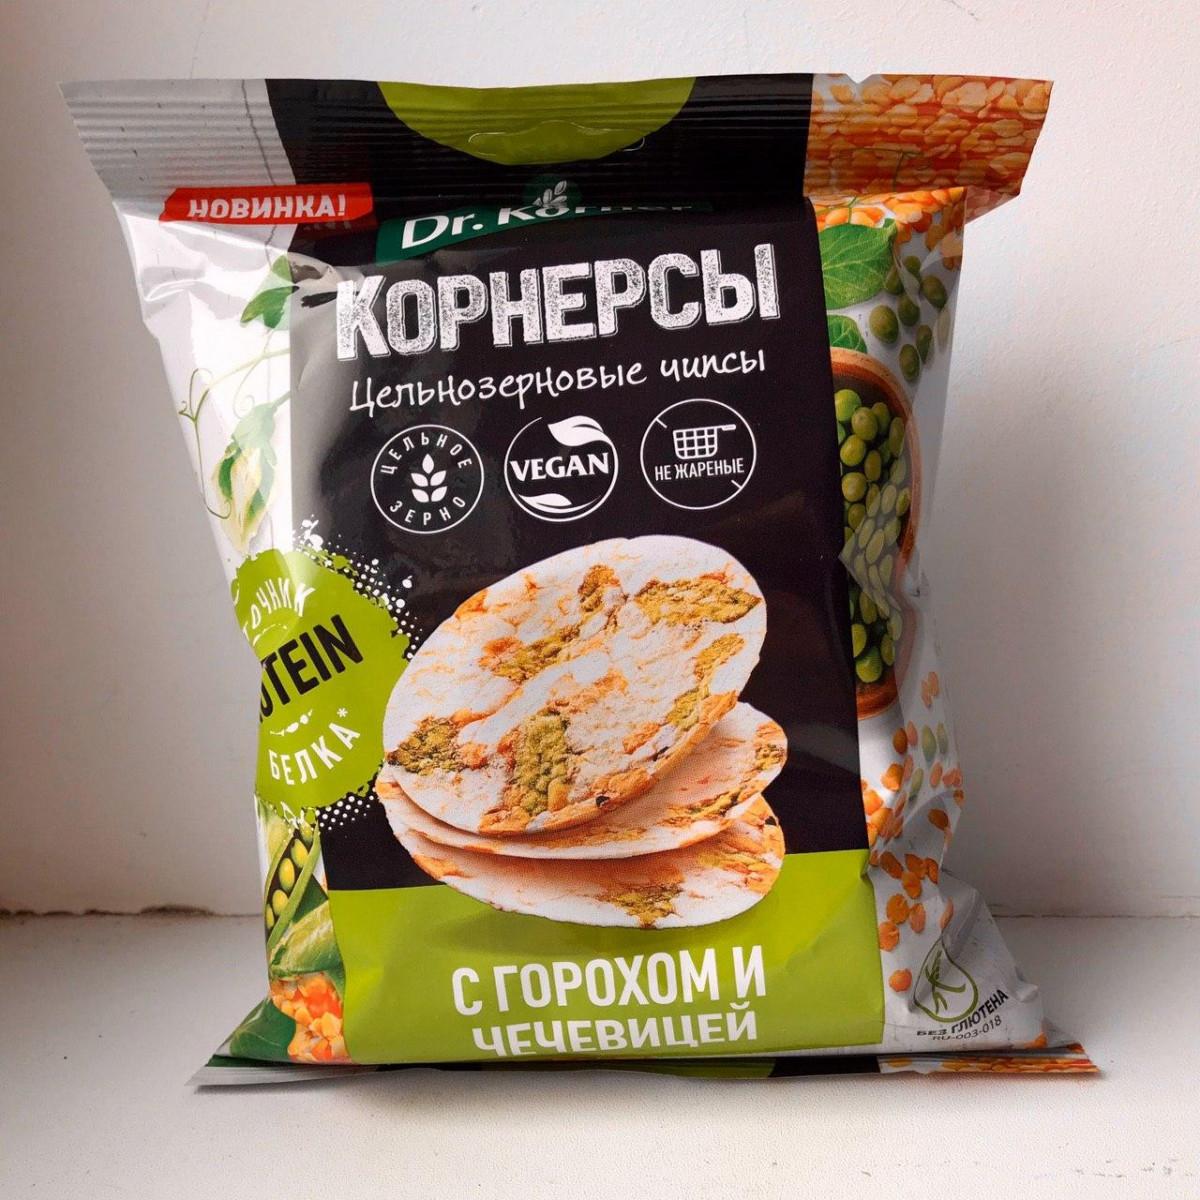 Чипсы цельнозерновые рисовые с горошком и чечевицей, 50 г.